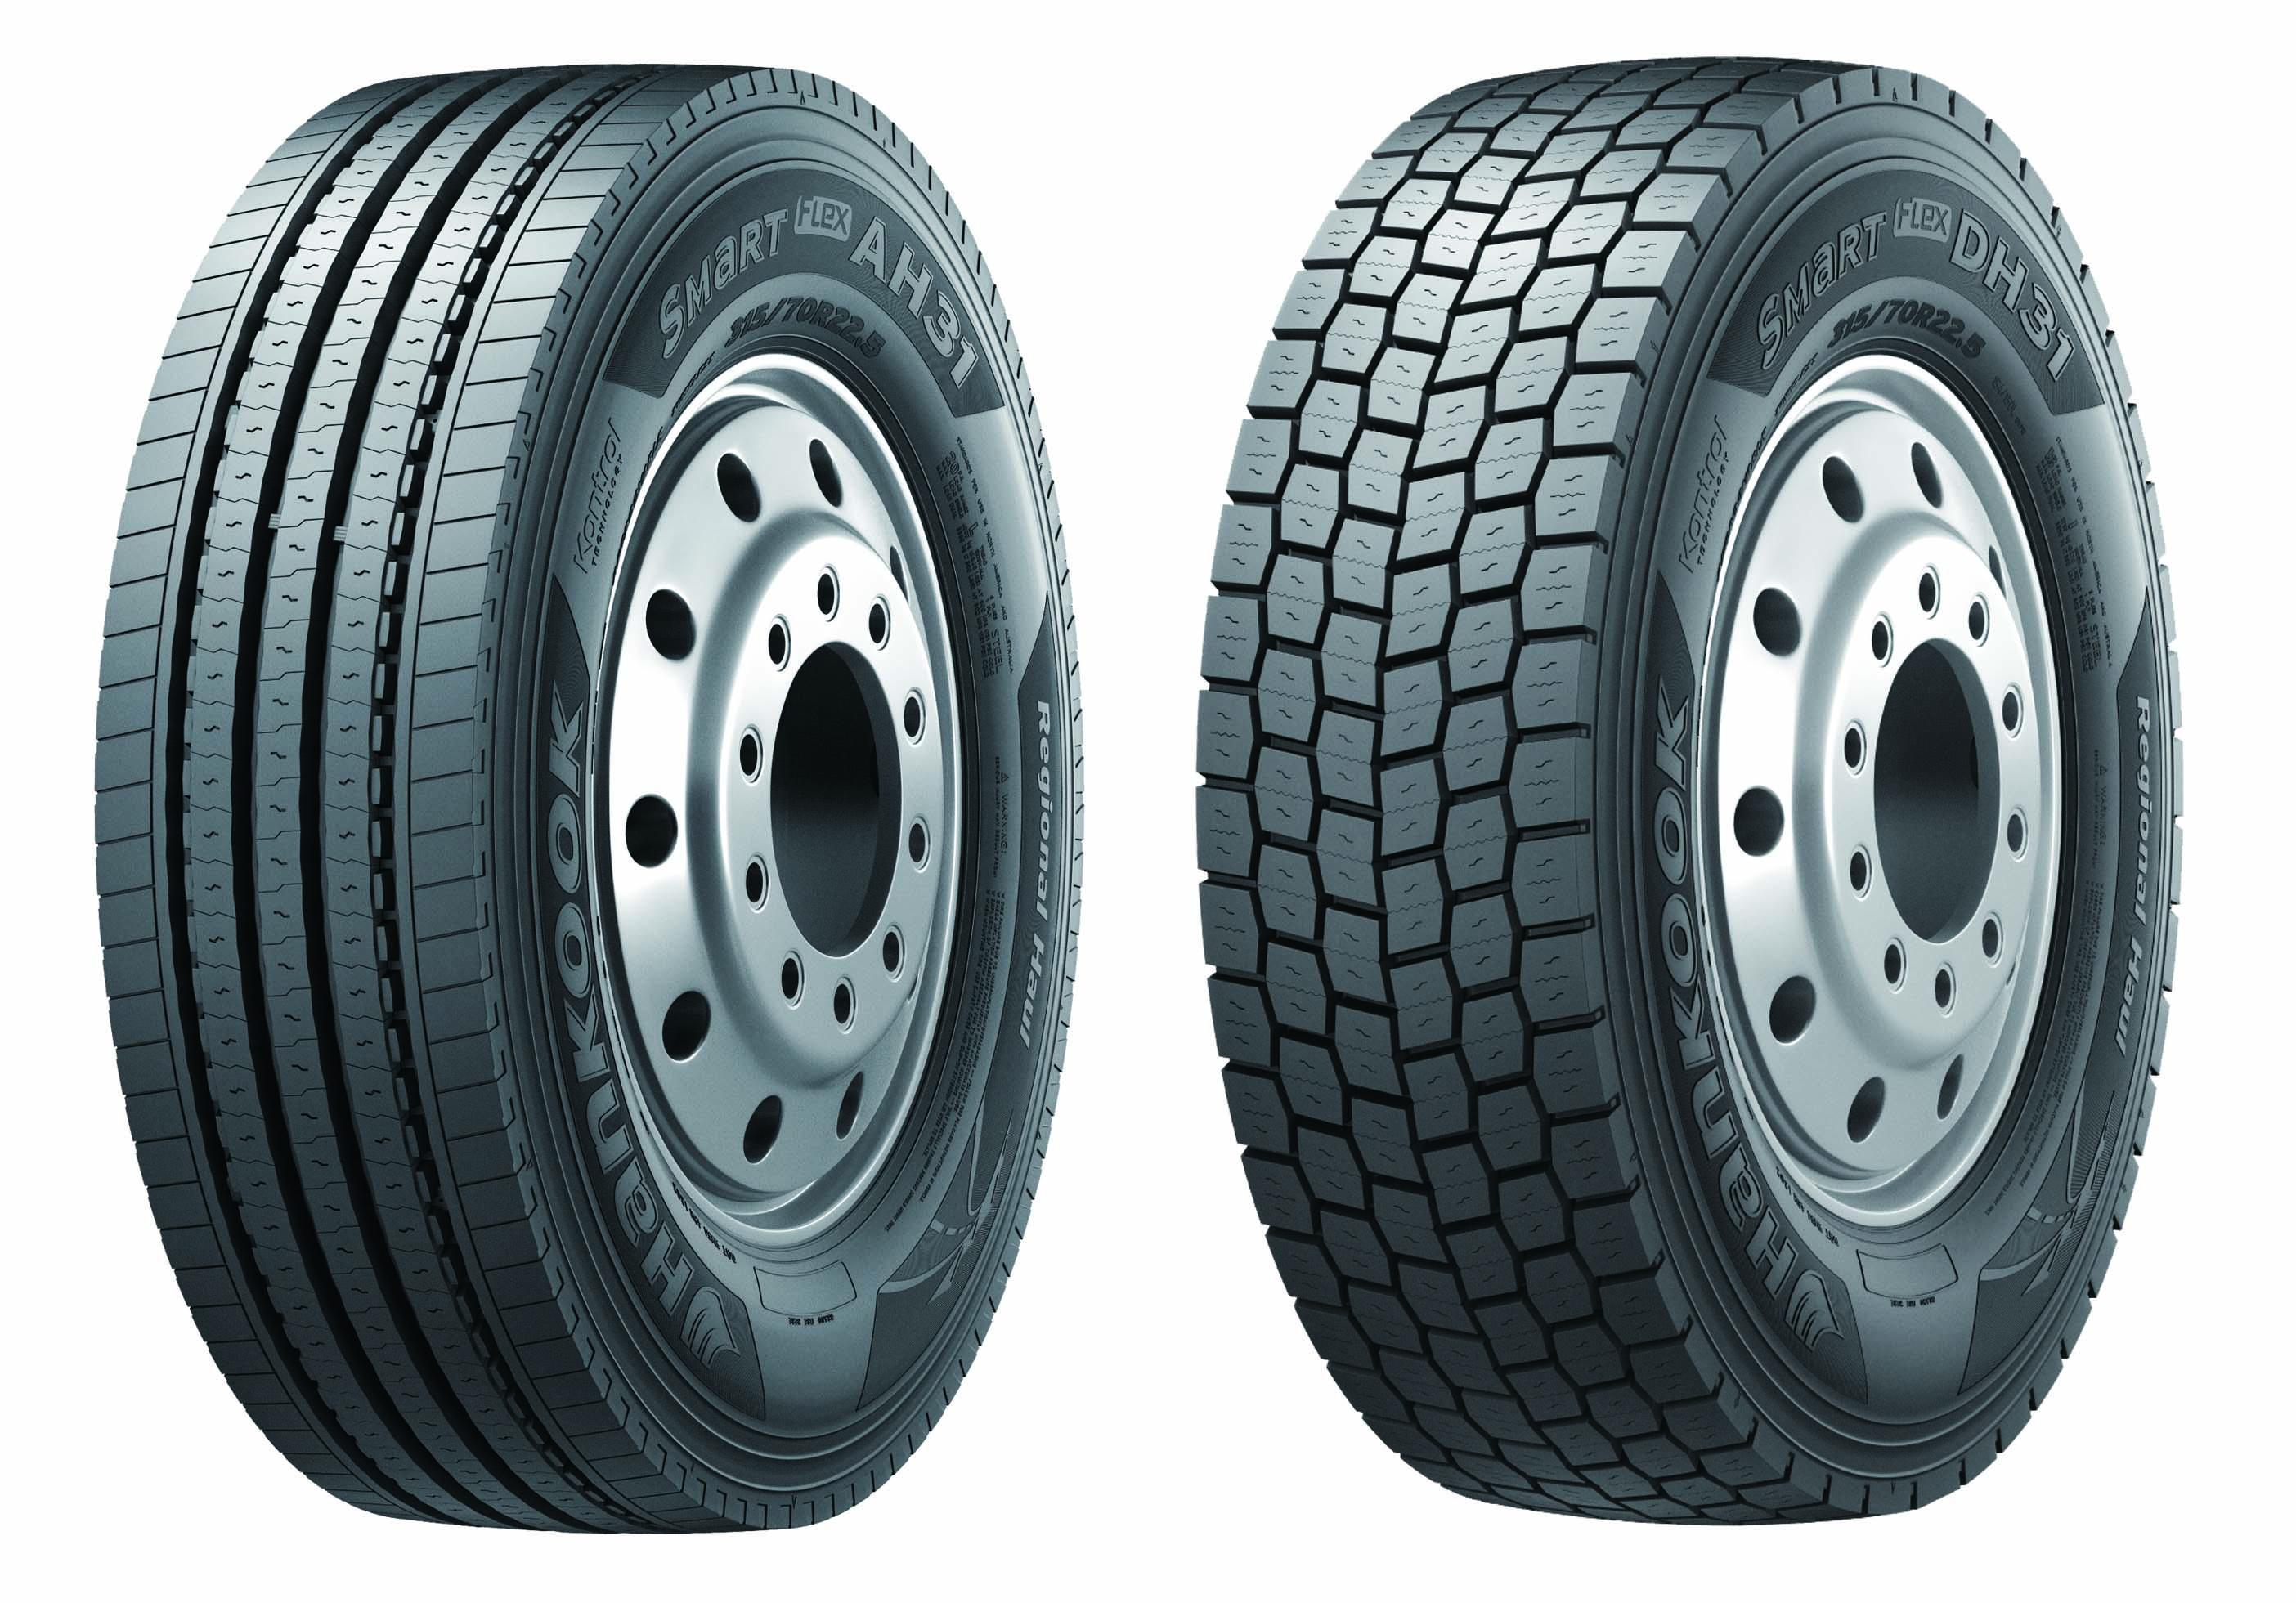 Hankook Truck Tires >> Hankook Tire Media Center Press Room Europe Cis Regional